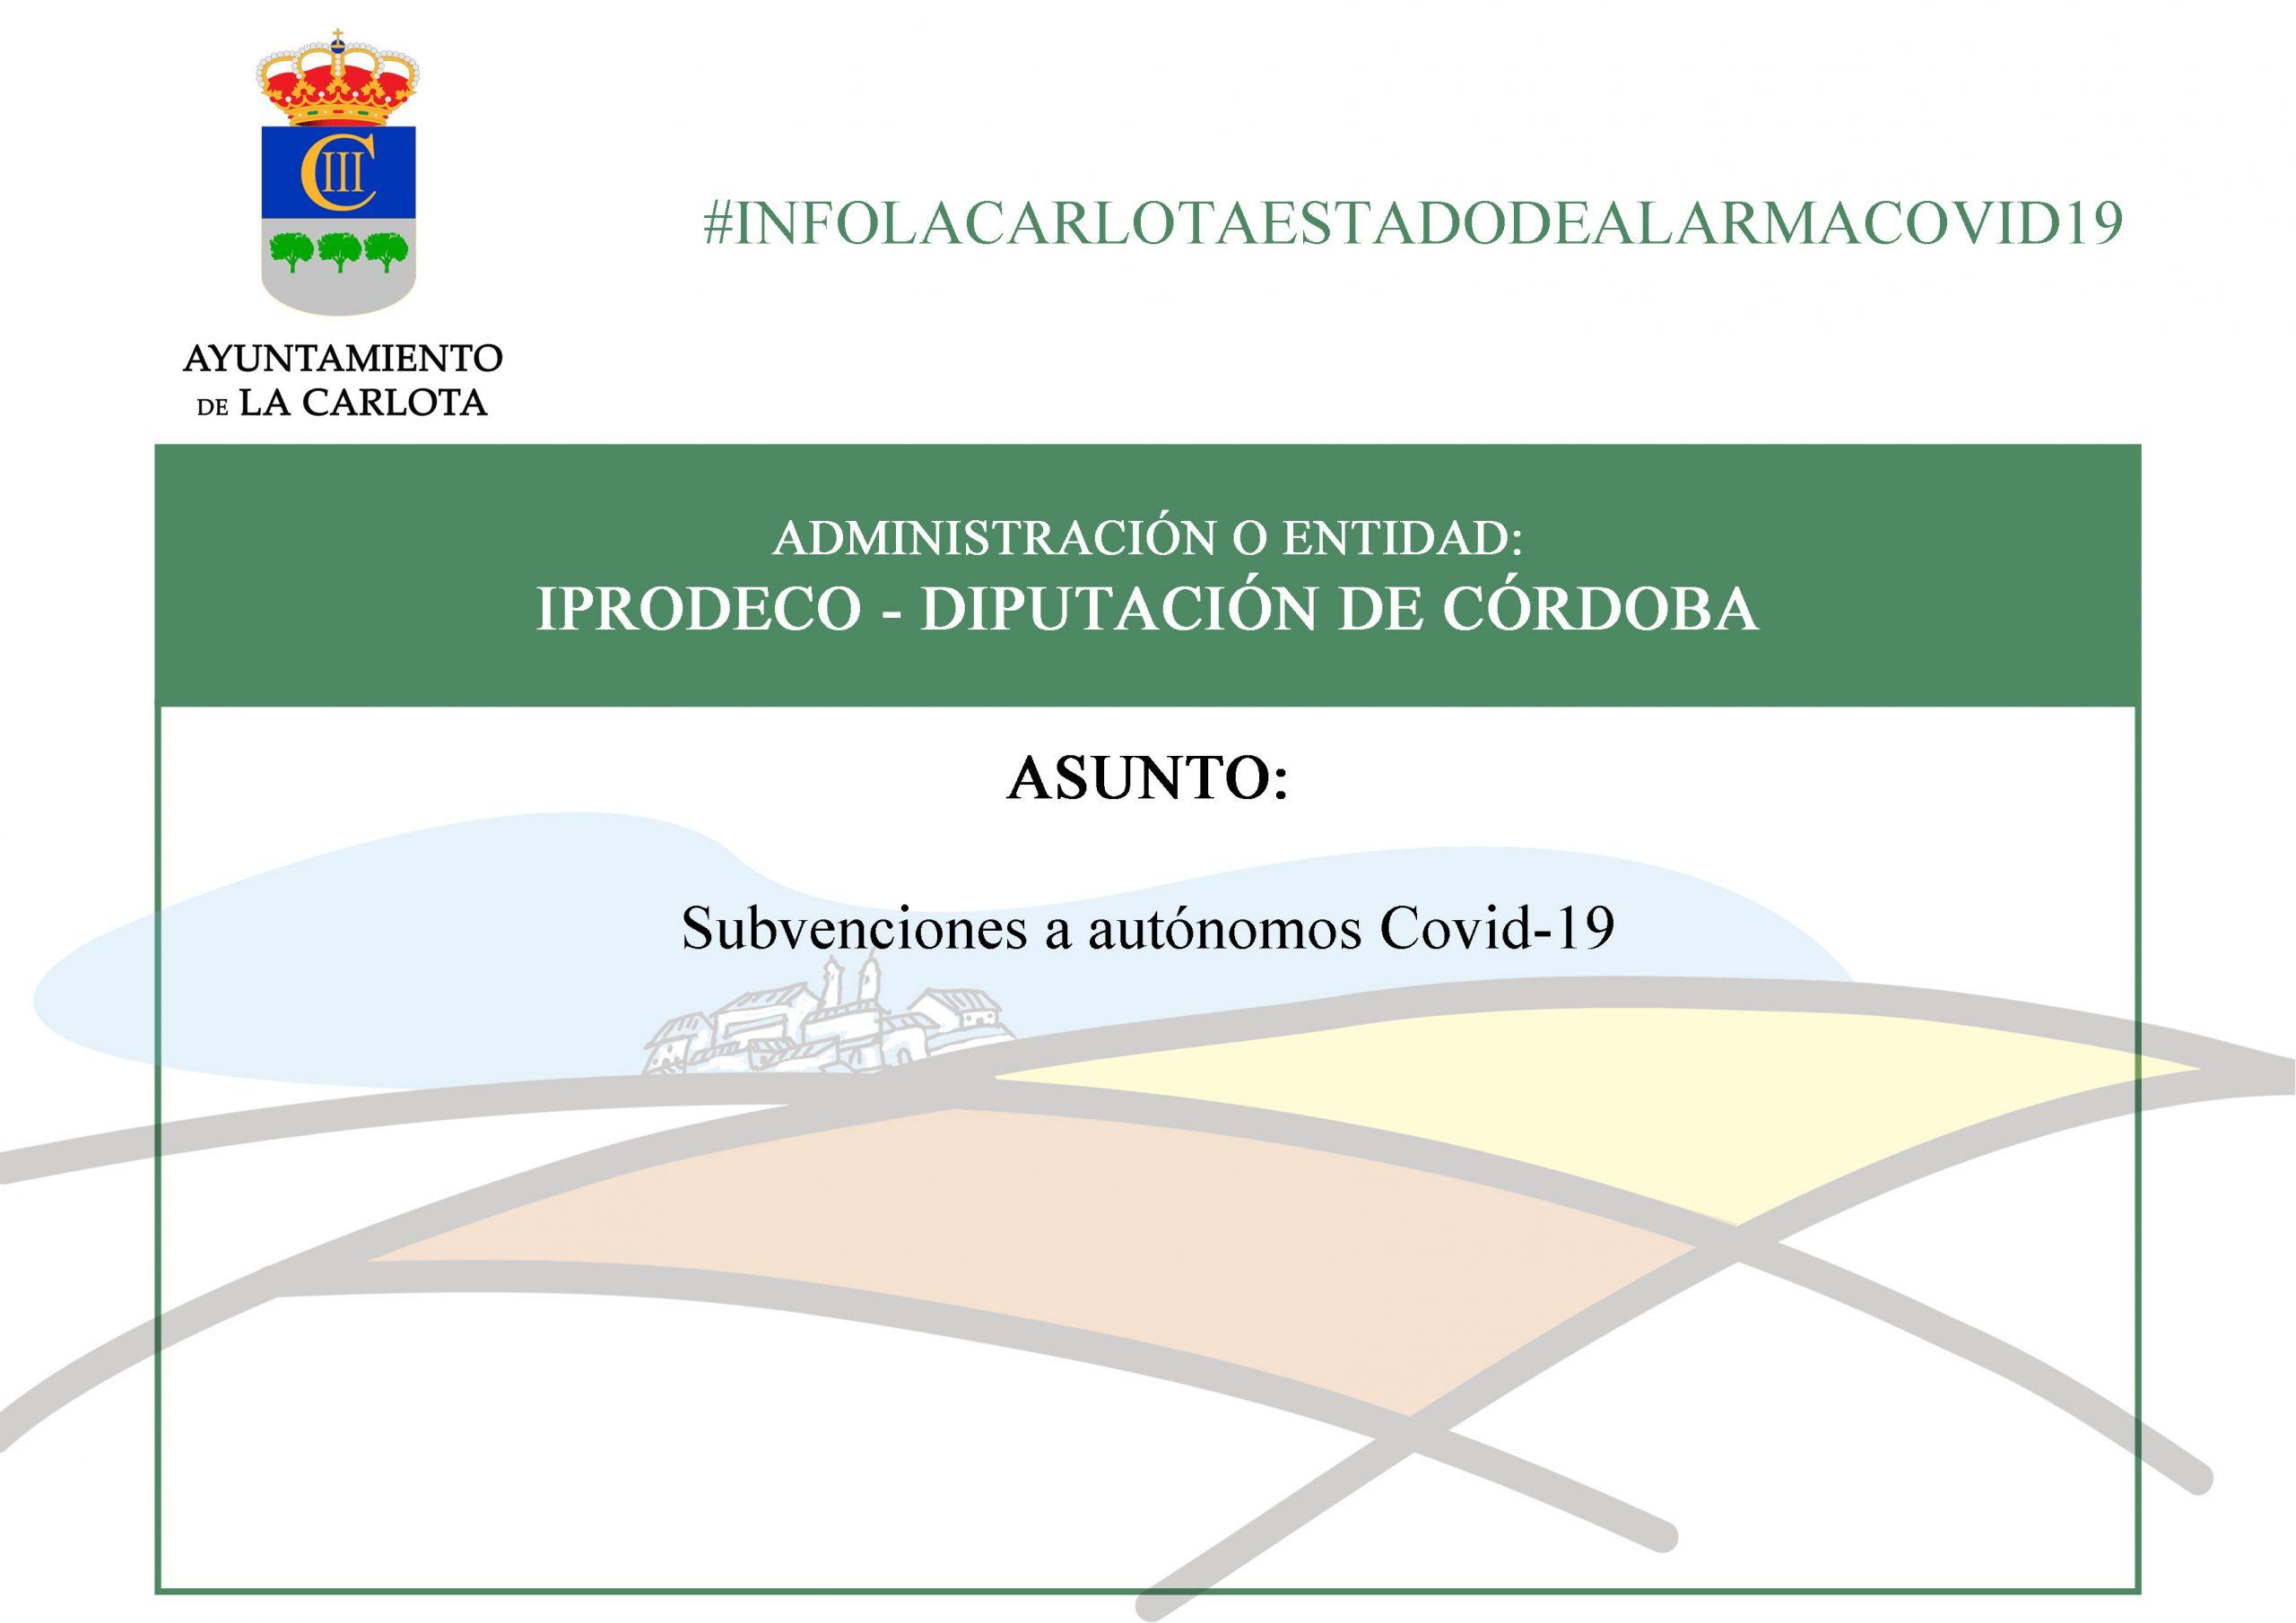 #INFOLACARLOTAESTADODEALARMACOVID19 SUBVENCIONES A AUTÓNOMOS COVID-19 1